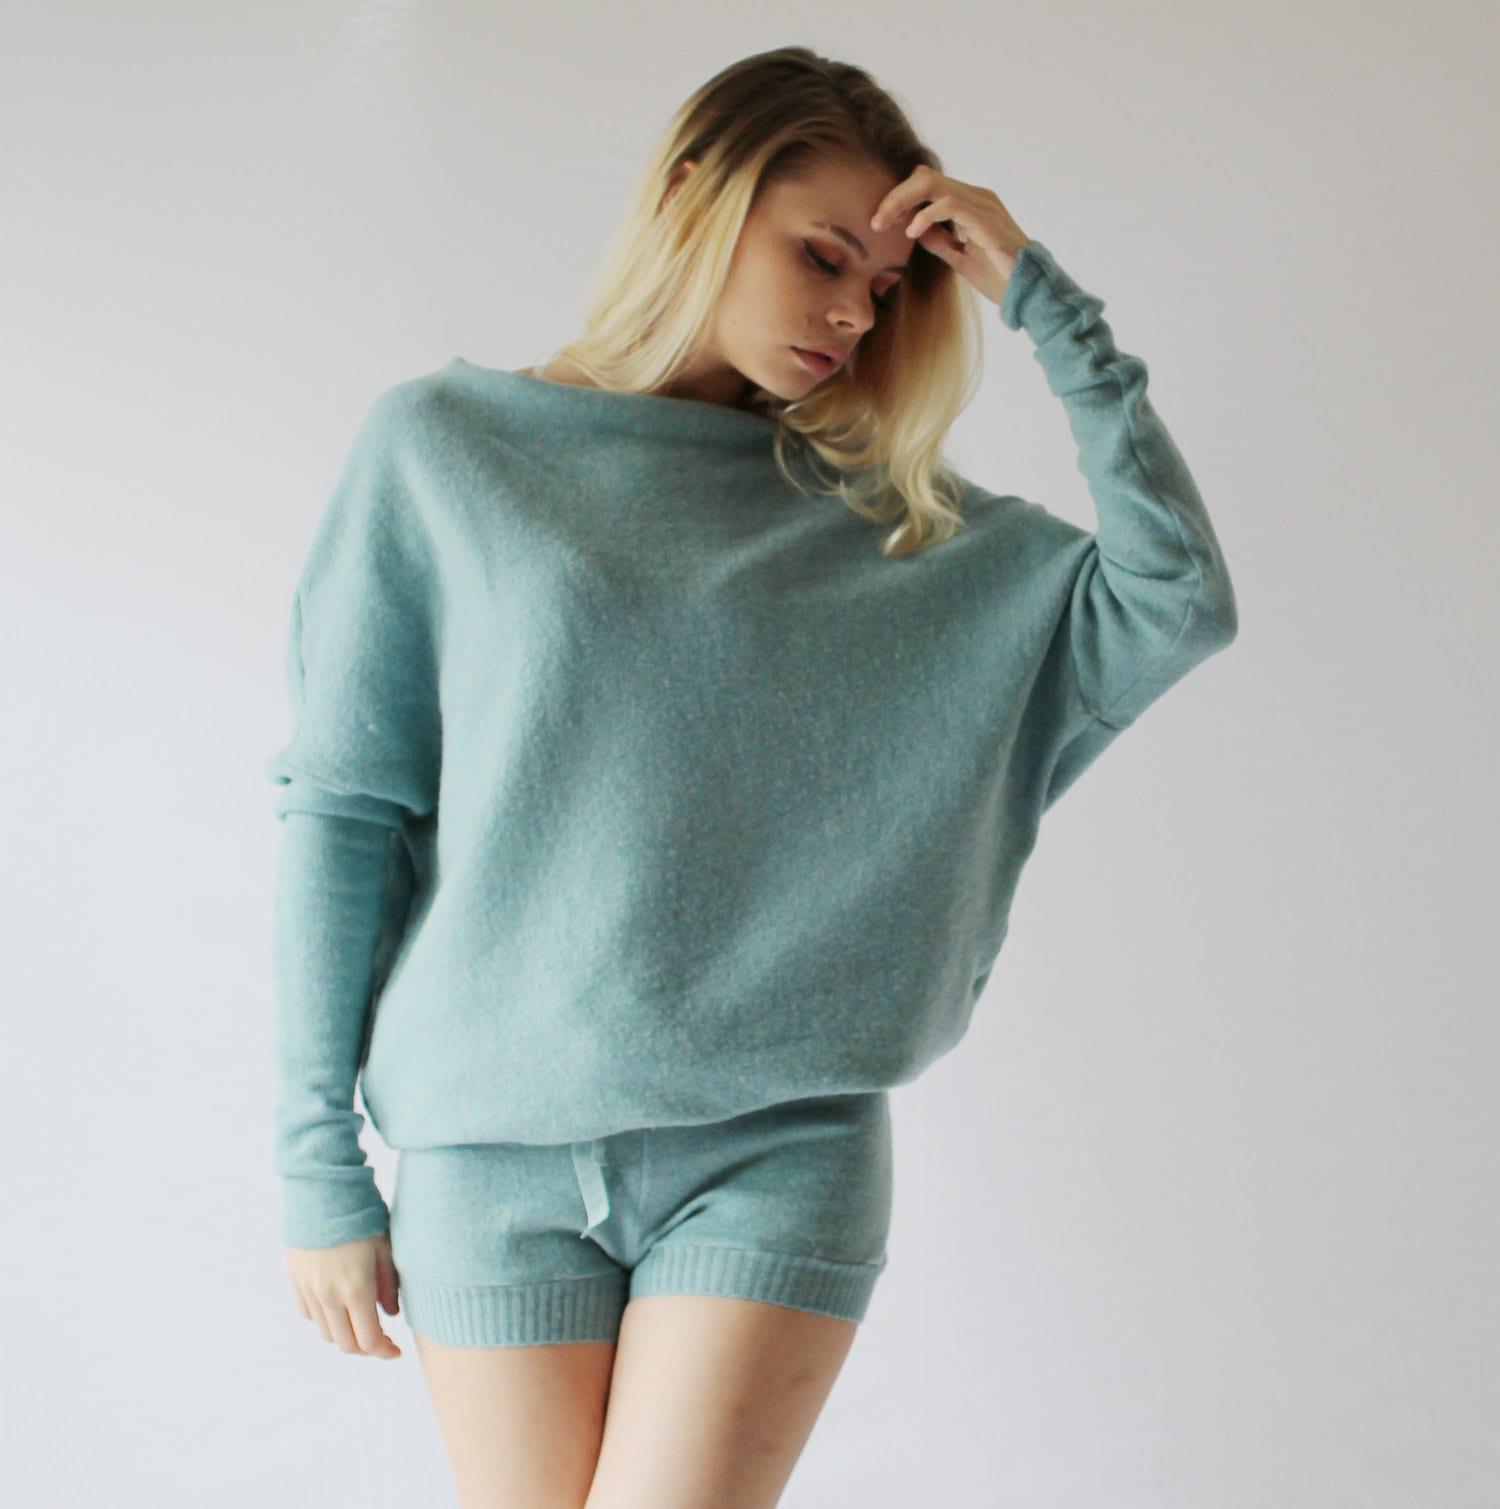 07296834251d0f Merino Wool Sweater Dress Womens Sweater 100% Wool | Etsy